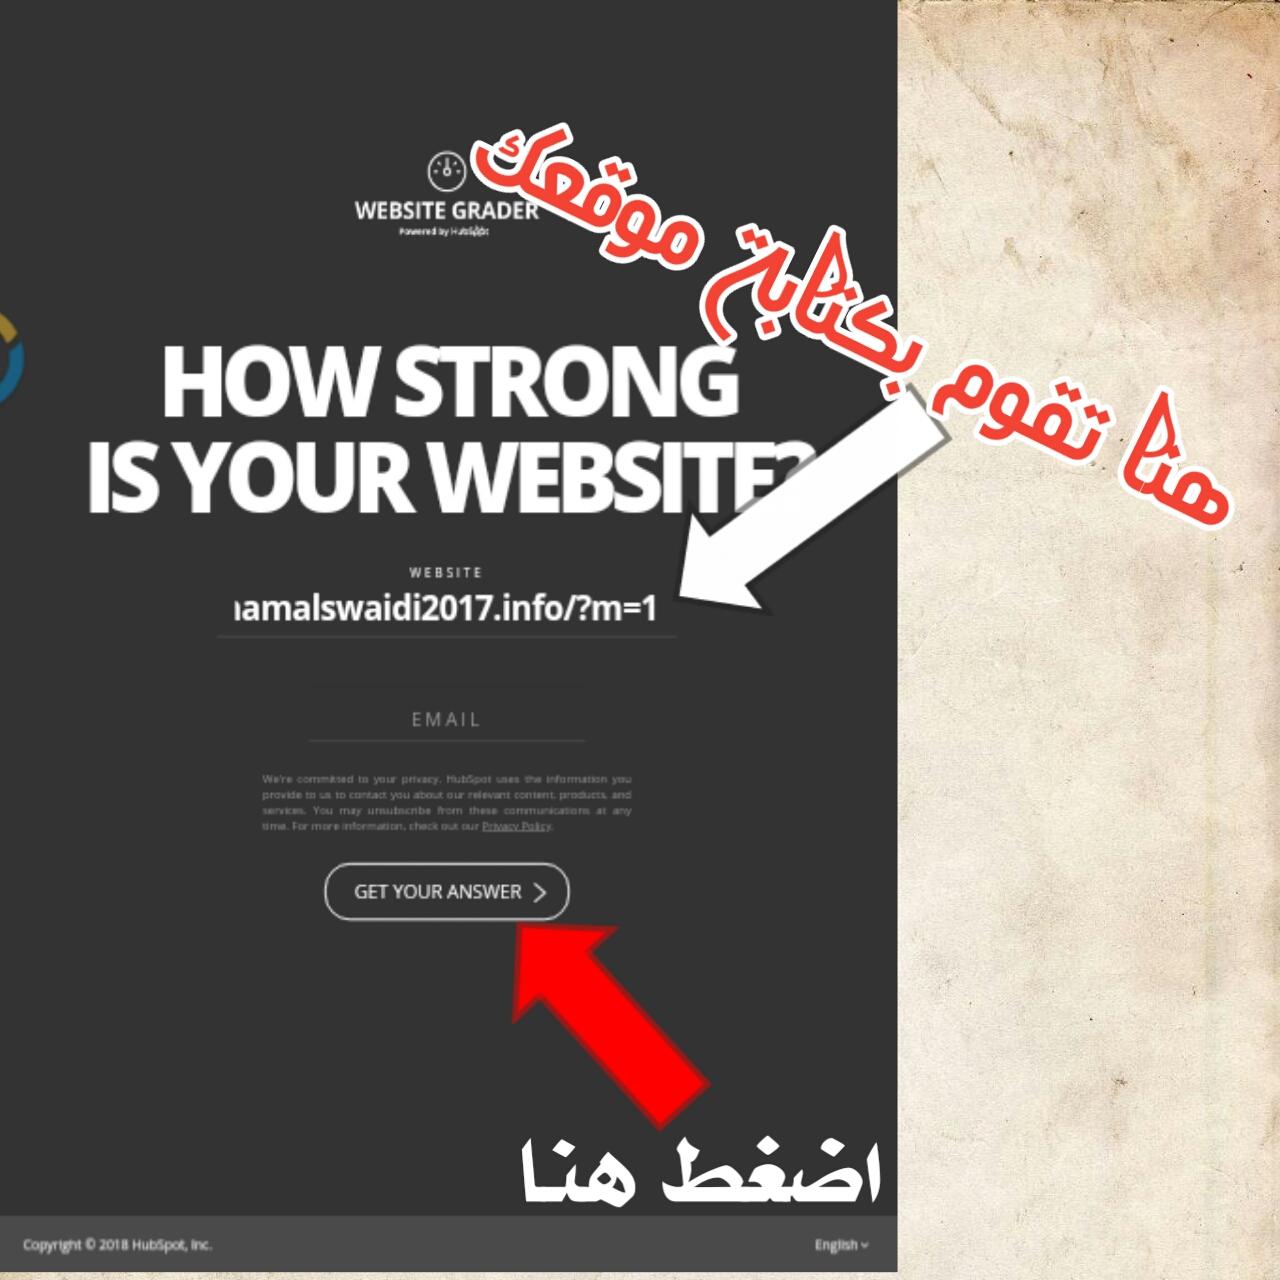 موقع خرافي لقياس سرعة موقعك الالكتروني بسهولة